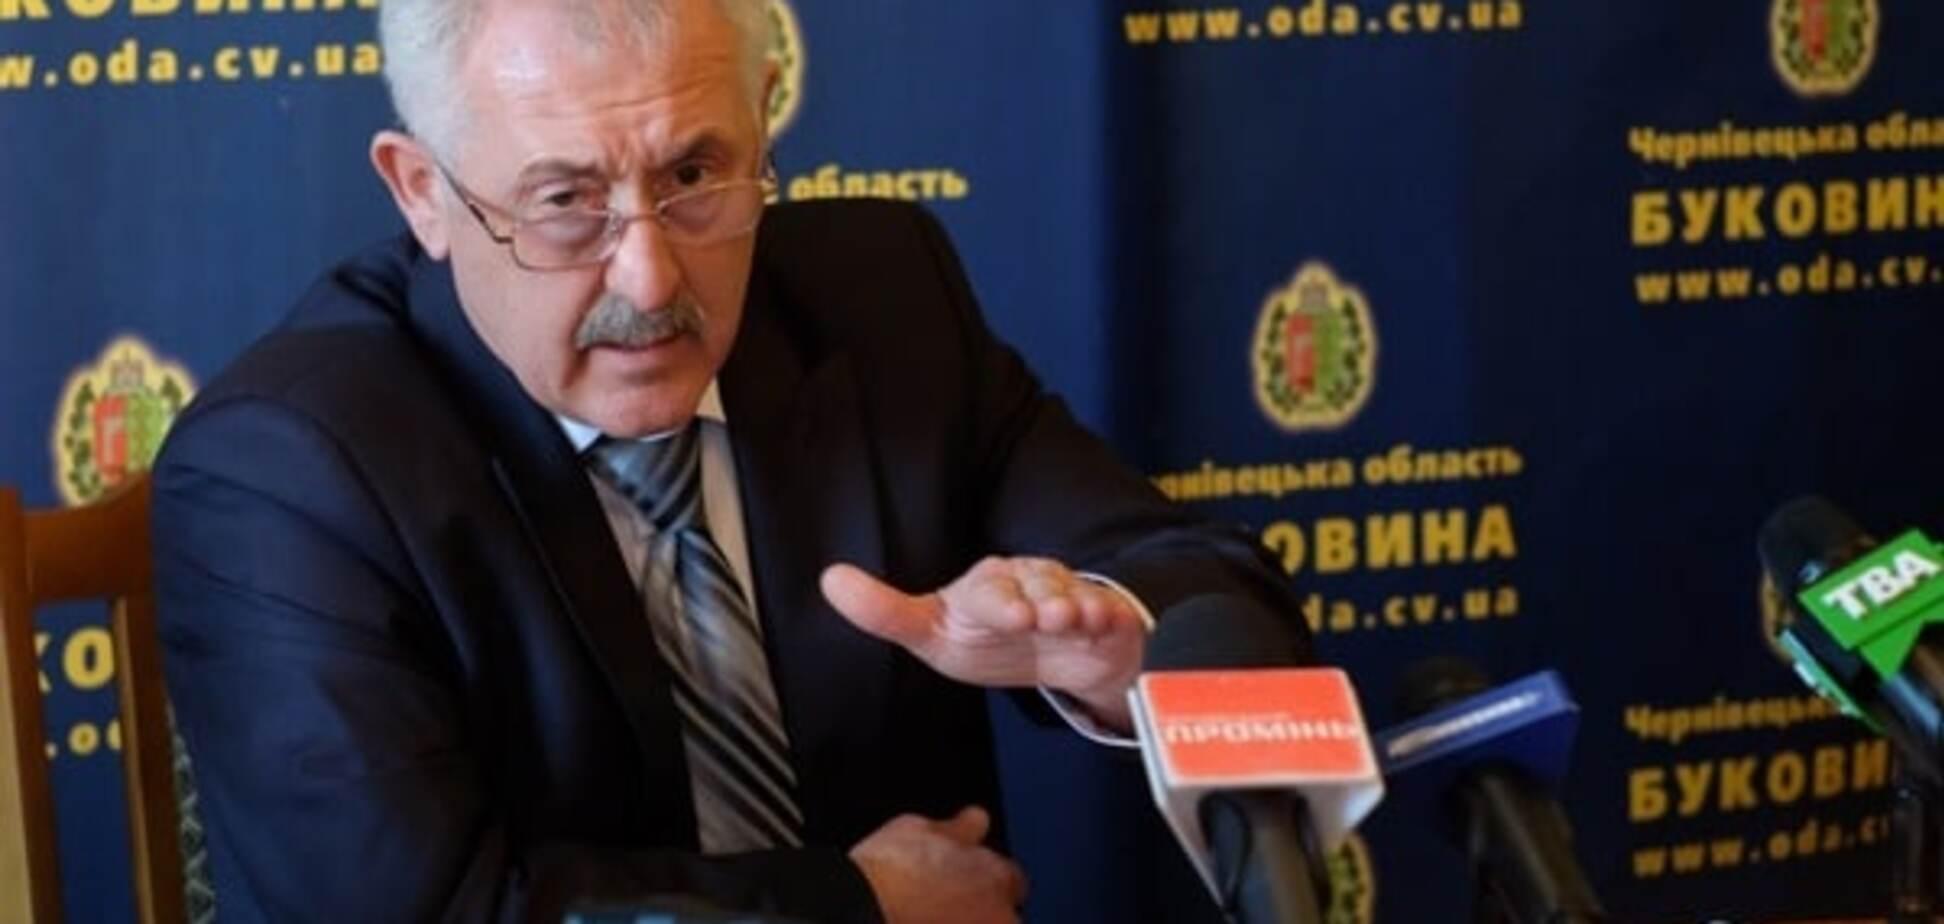 На Буковині ставленик Яценюка заблокував обрання голови обласного лісгоспу